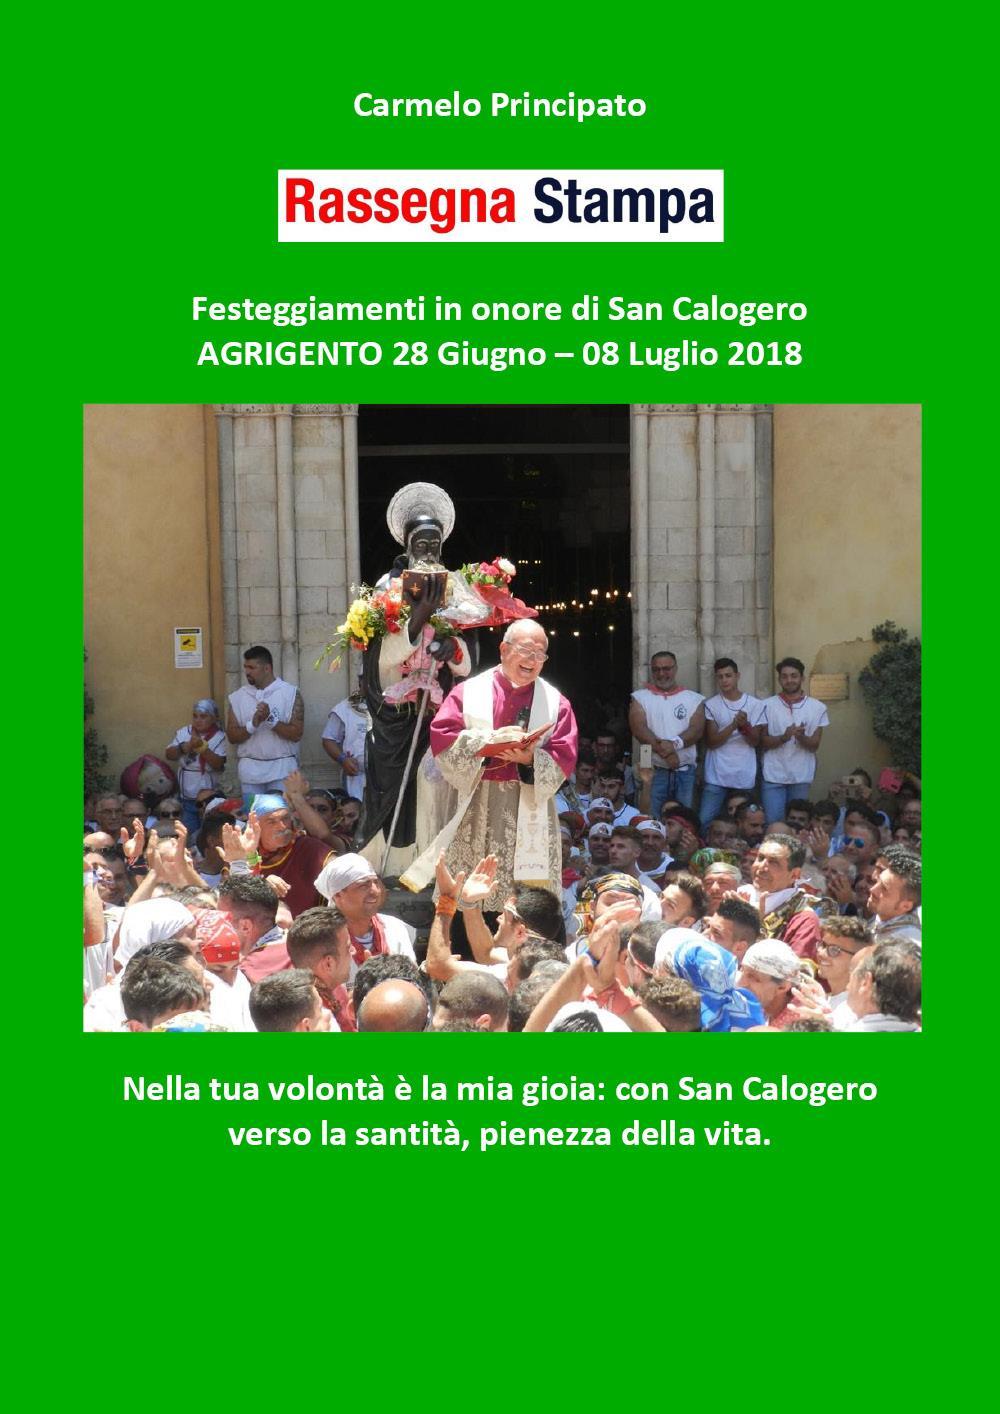 Rassegna Stampa - Festeggiamenti in onore di San Calogero - Agrigento 28 Giugno-08 Luglio 2018